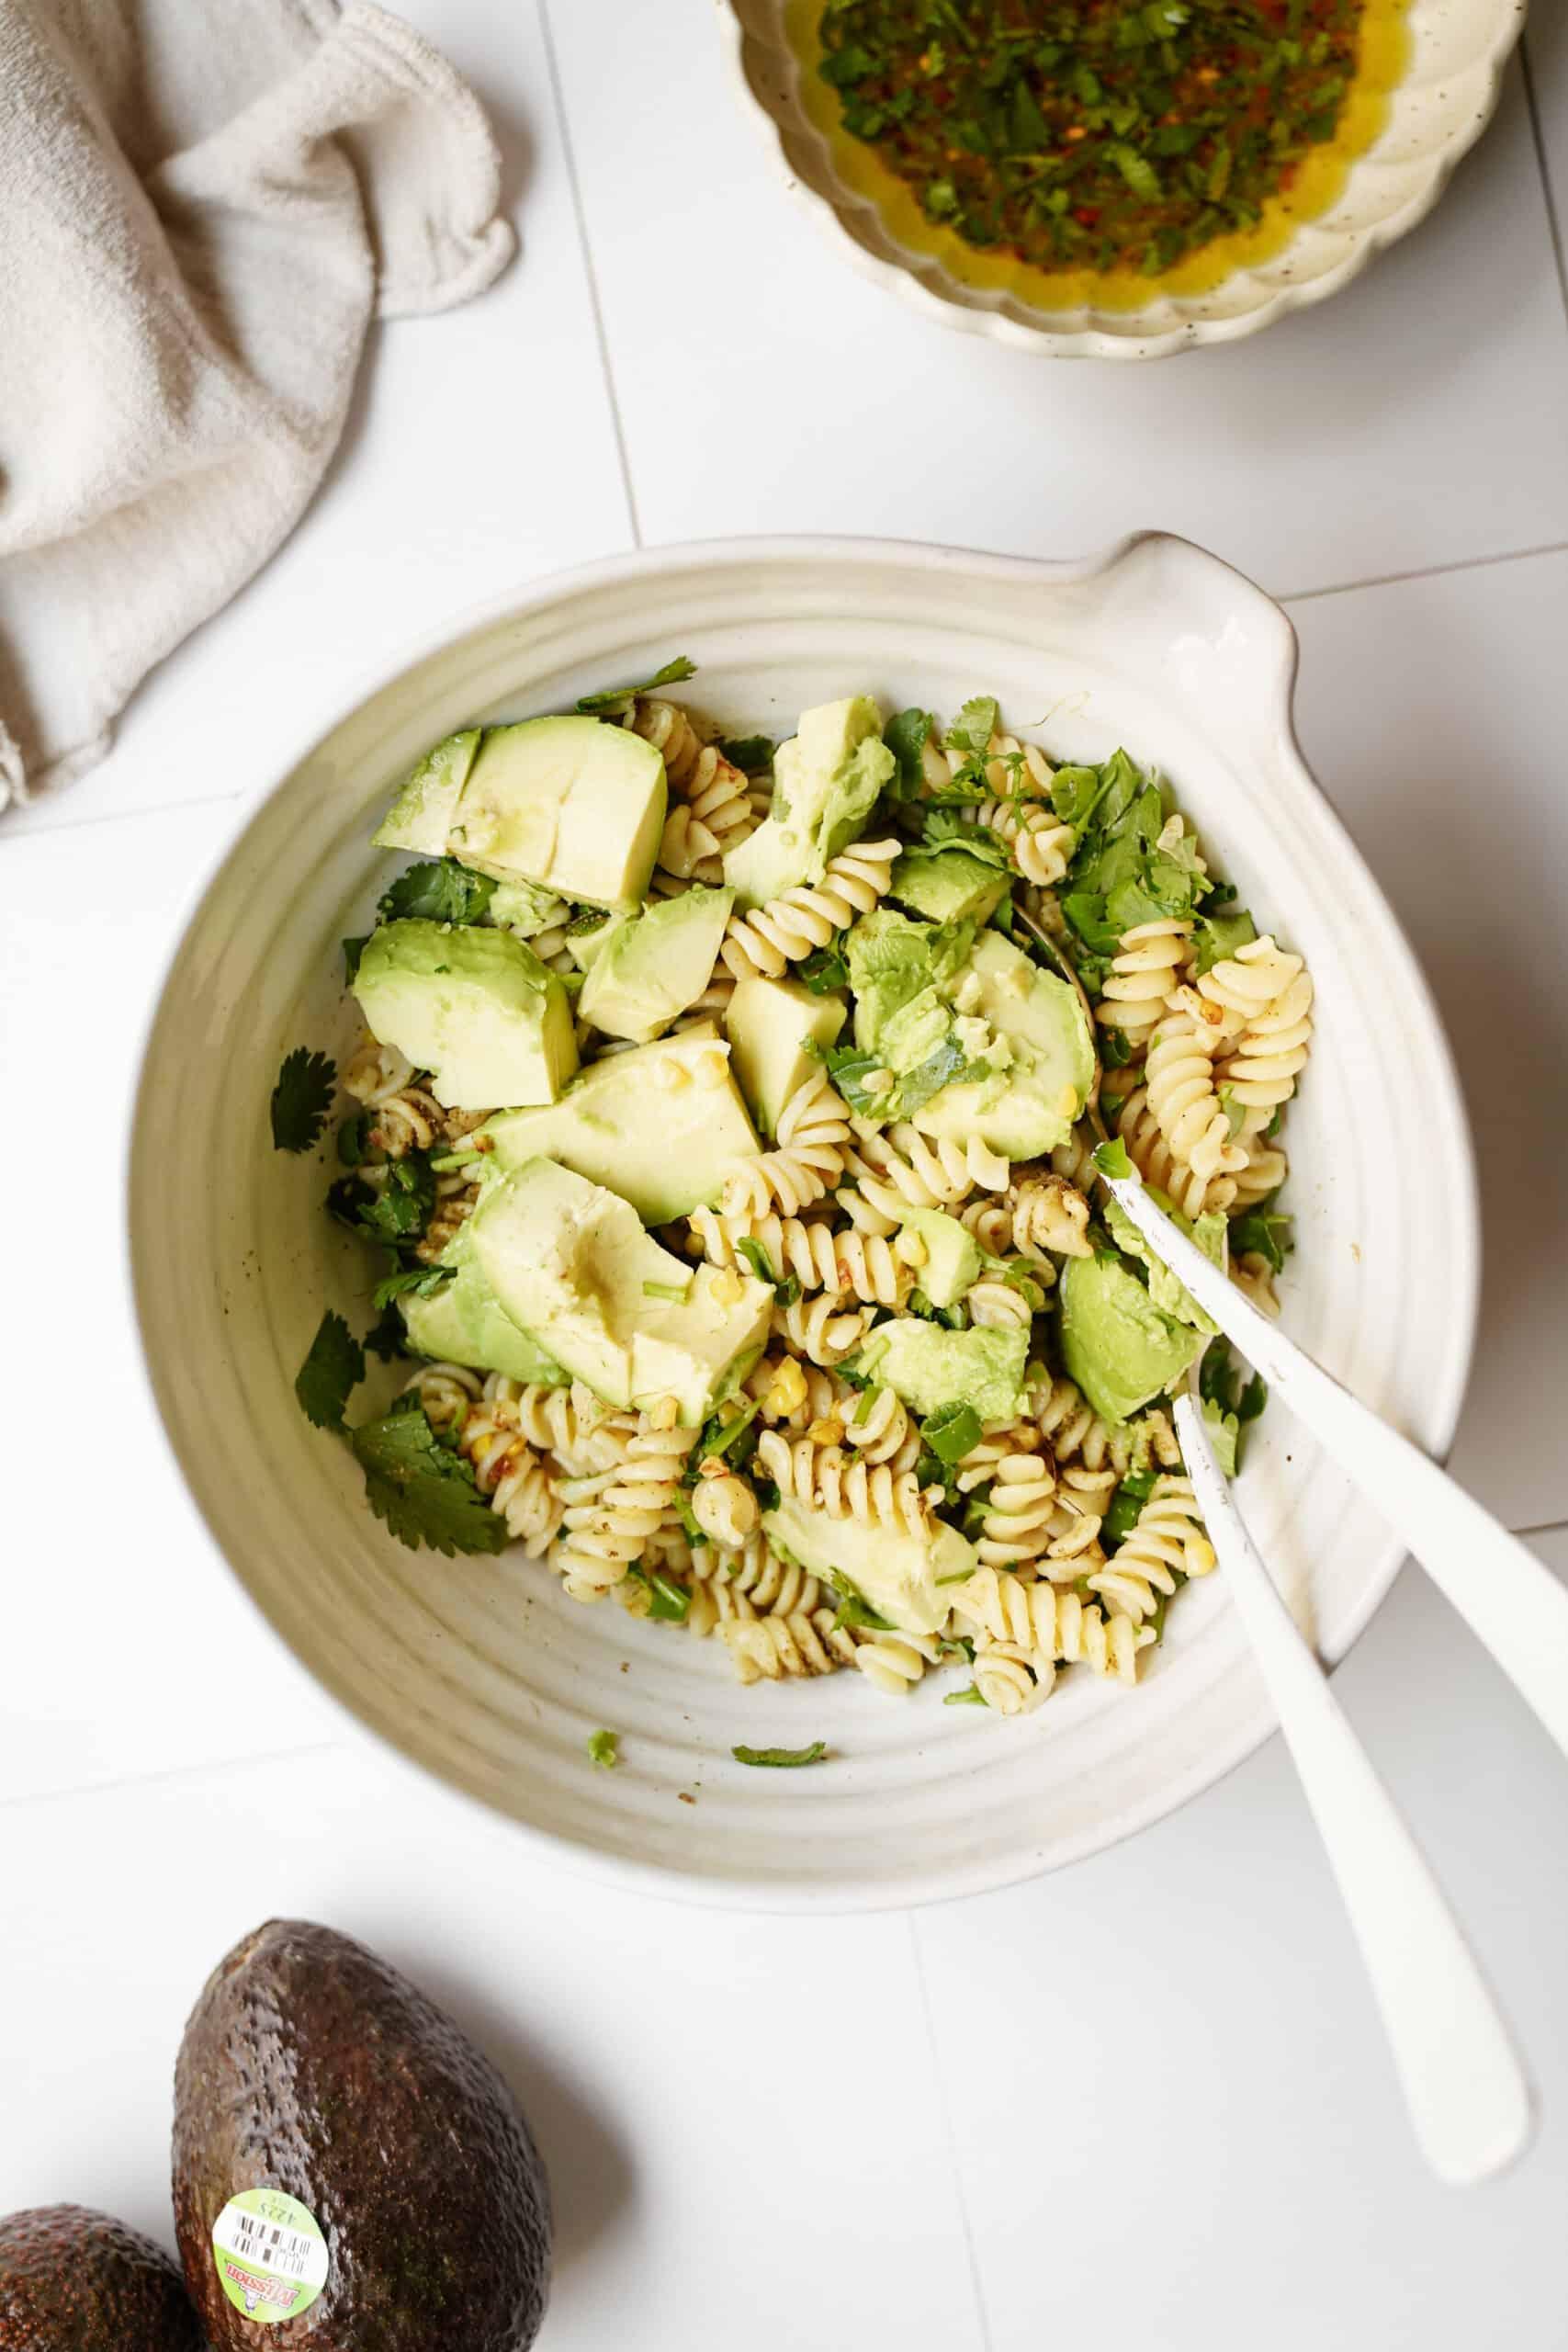 Avocado pasta salad in a bowl